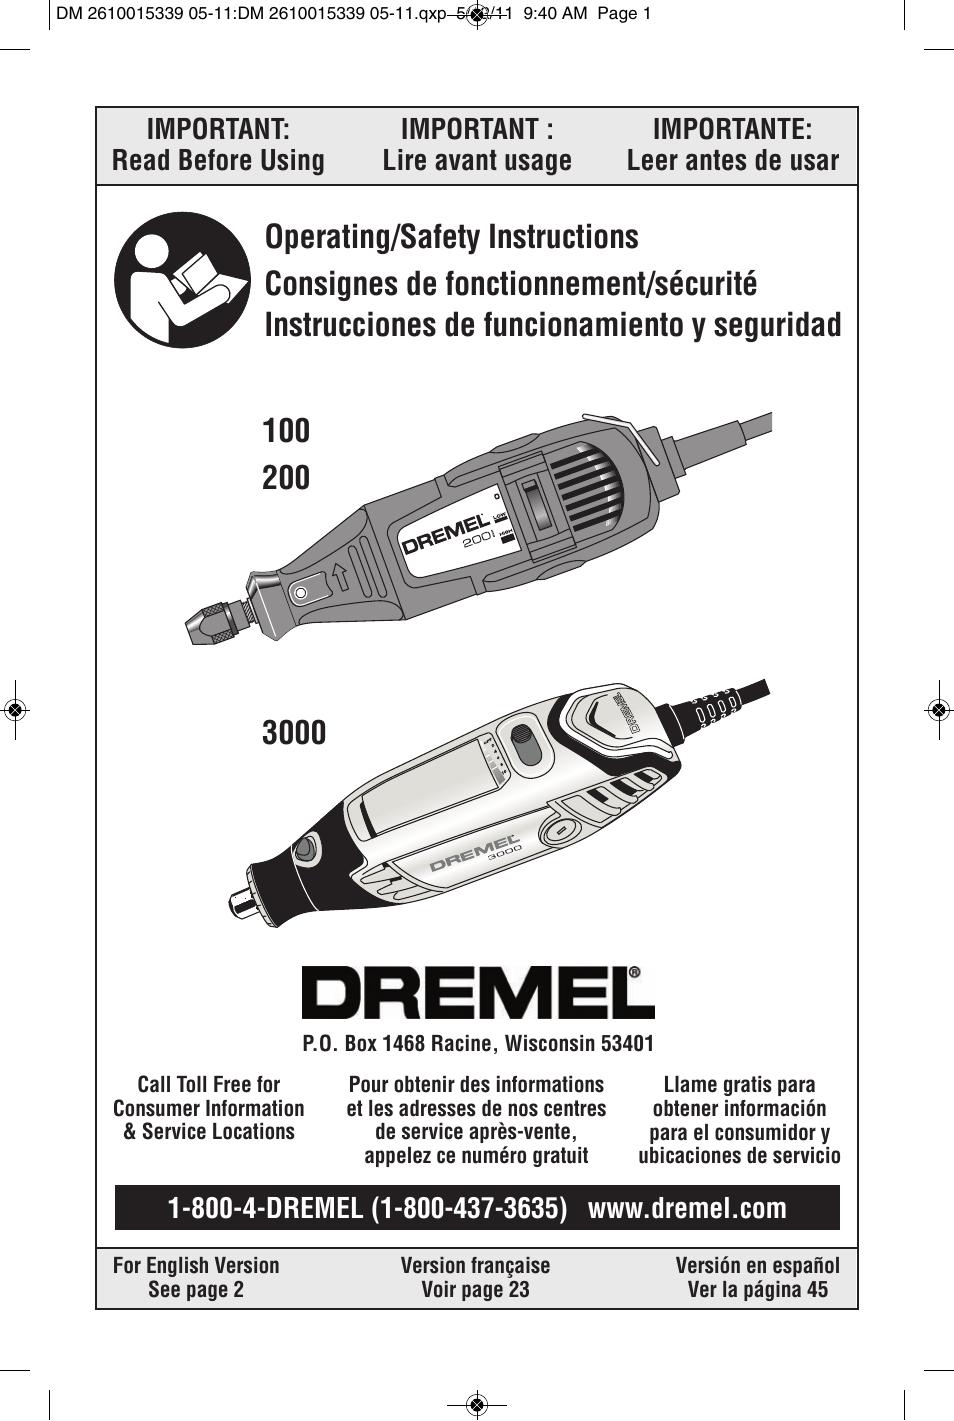 dremel 3000 user manual 68 pages original mode also for 200 100 rh manualsdir com manual for dremel model 395 manual for dremel model 395